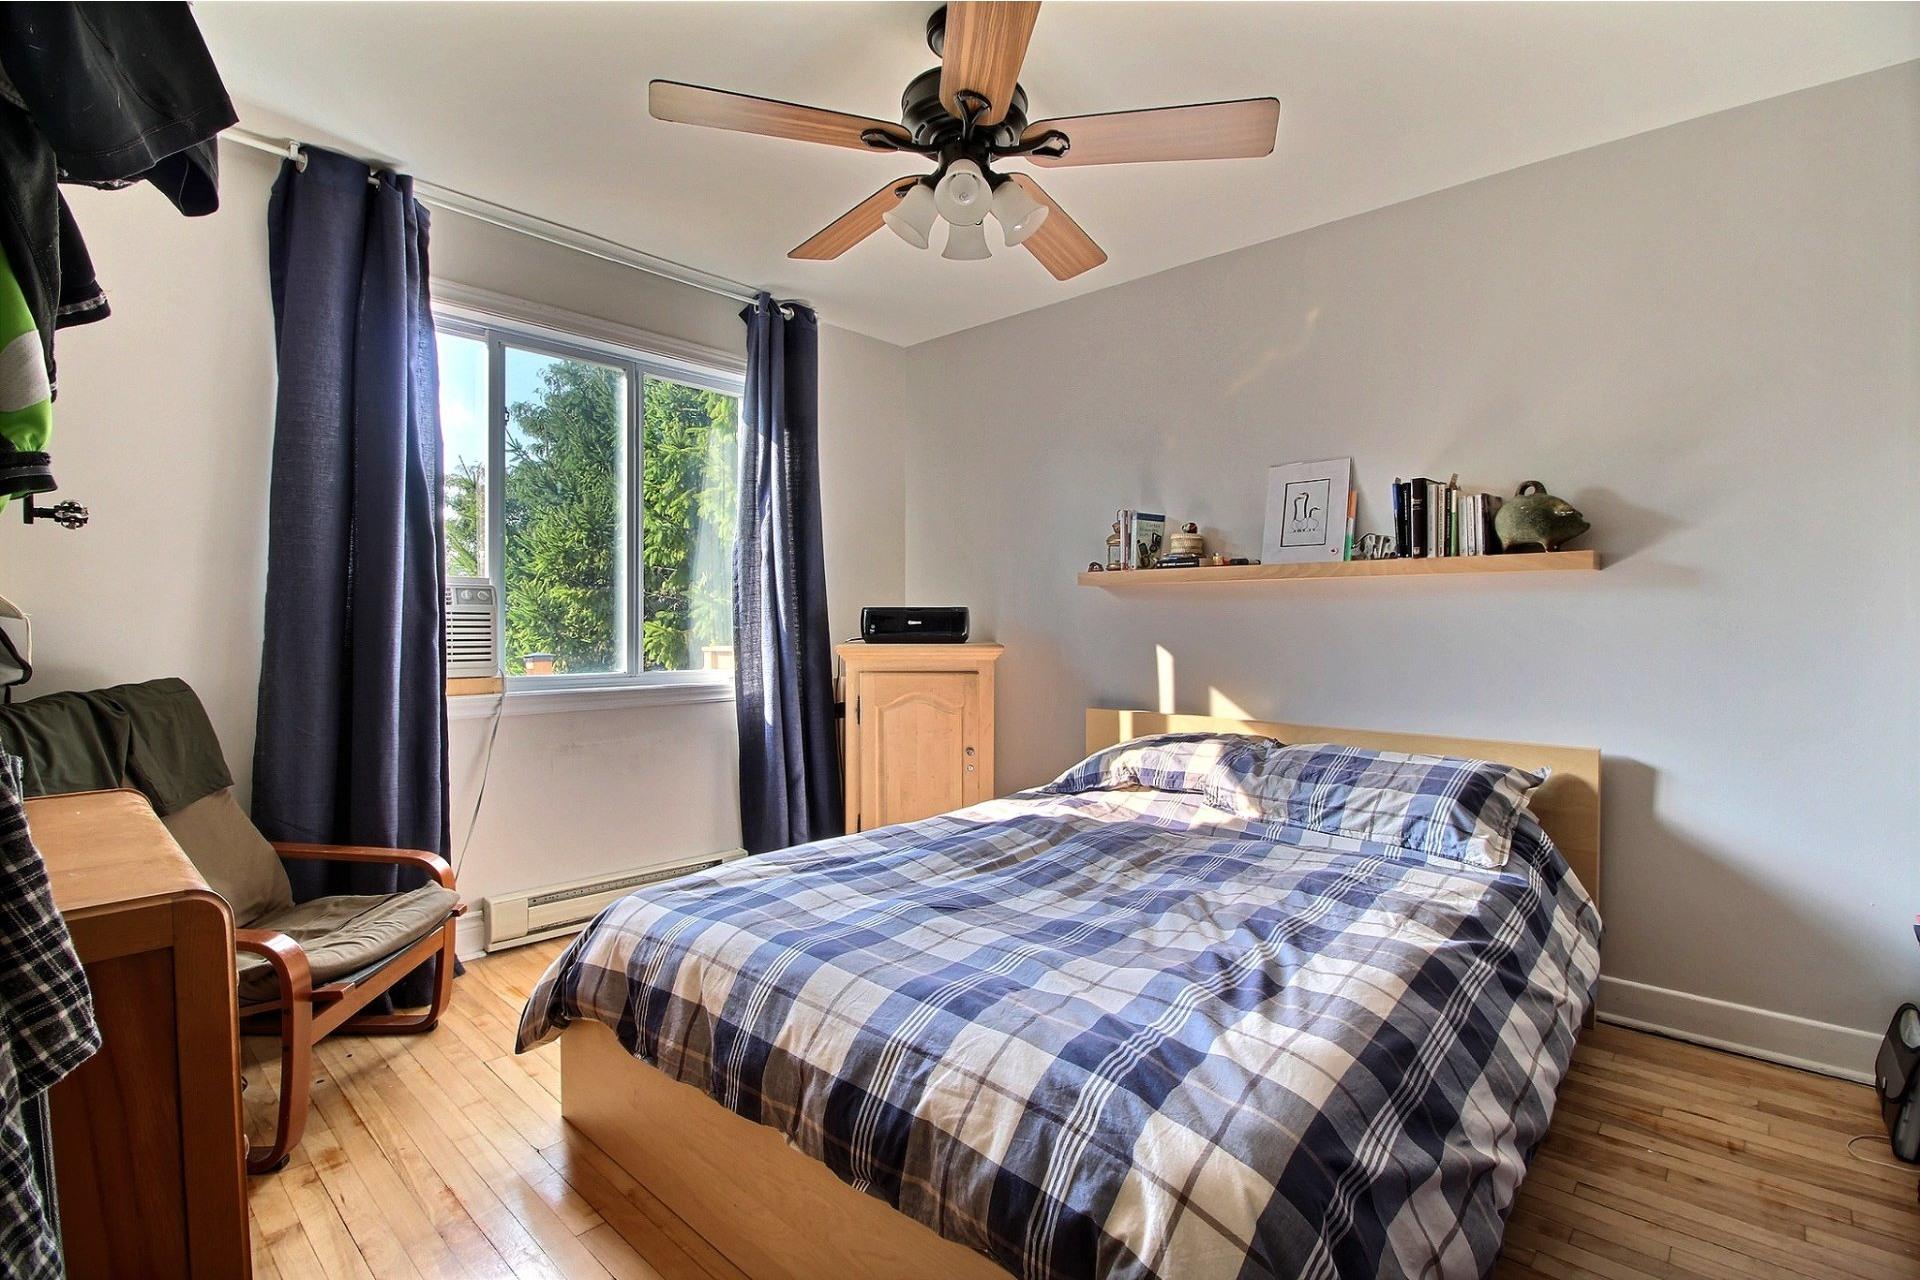 image 6 - Duplex À vendre Montréal Rivière-des-Prairies/Pointe-aux-Trembles  - 4 pièces